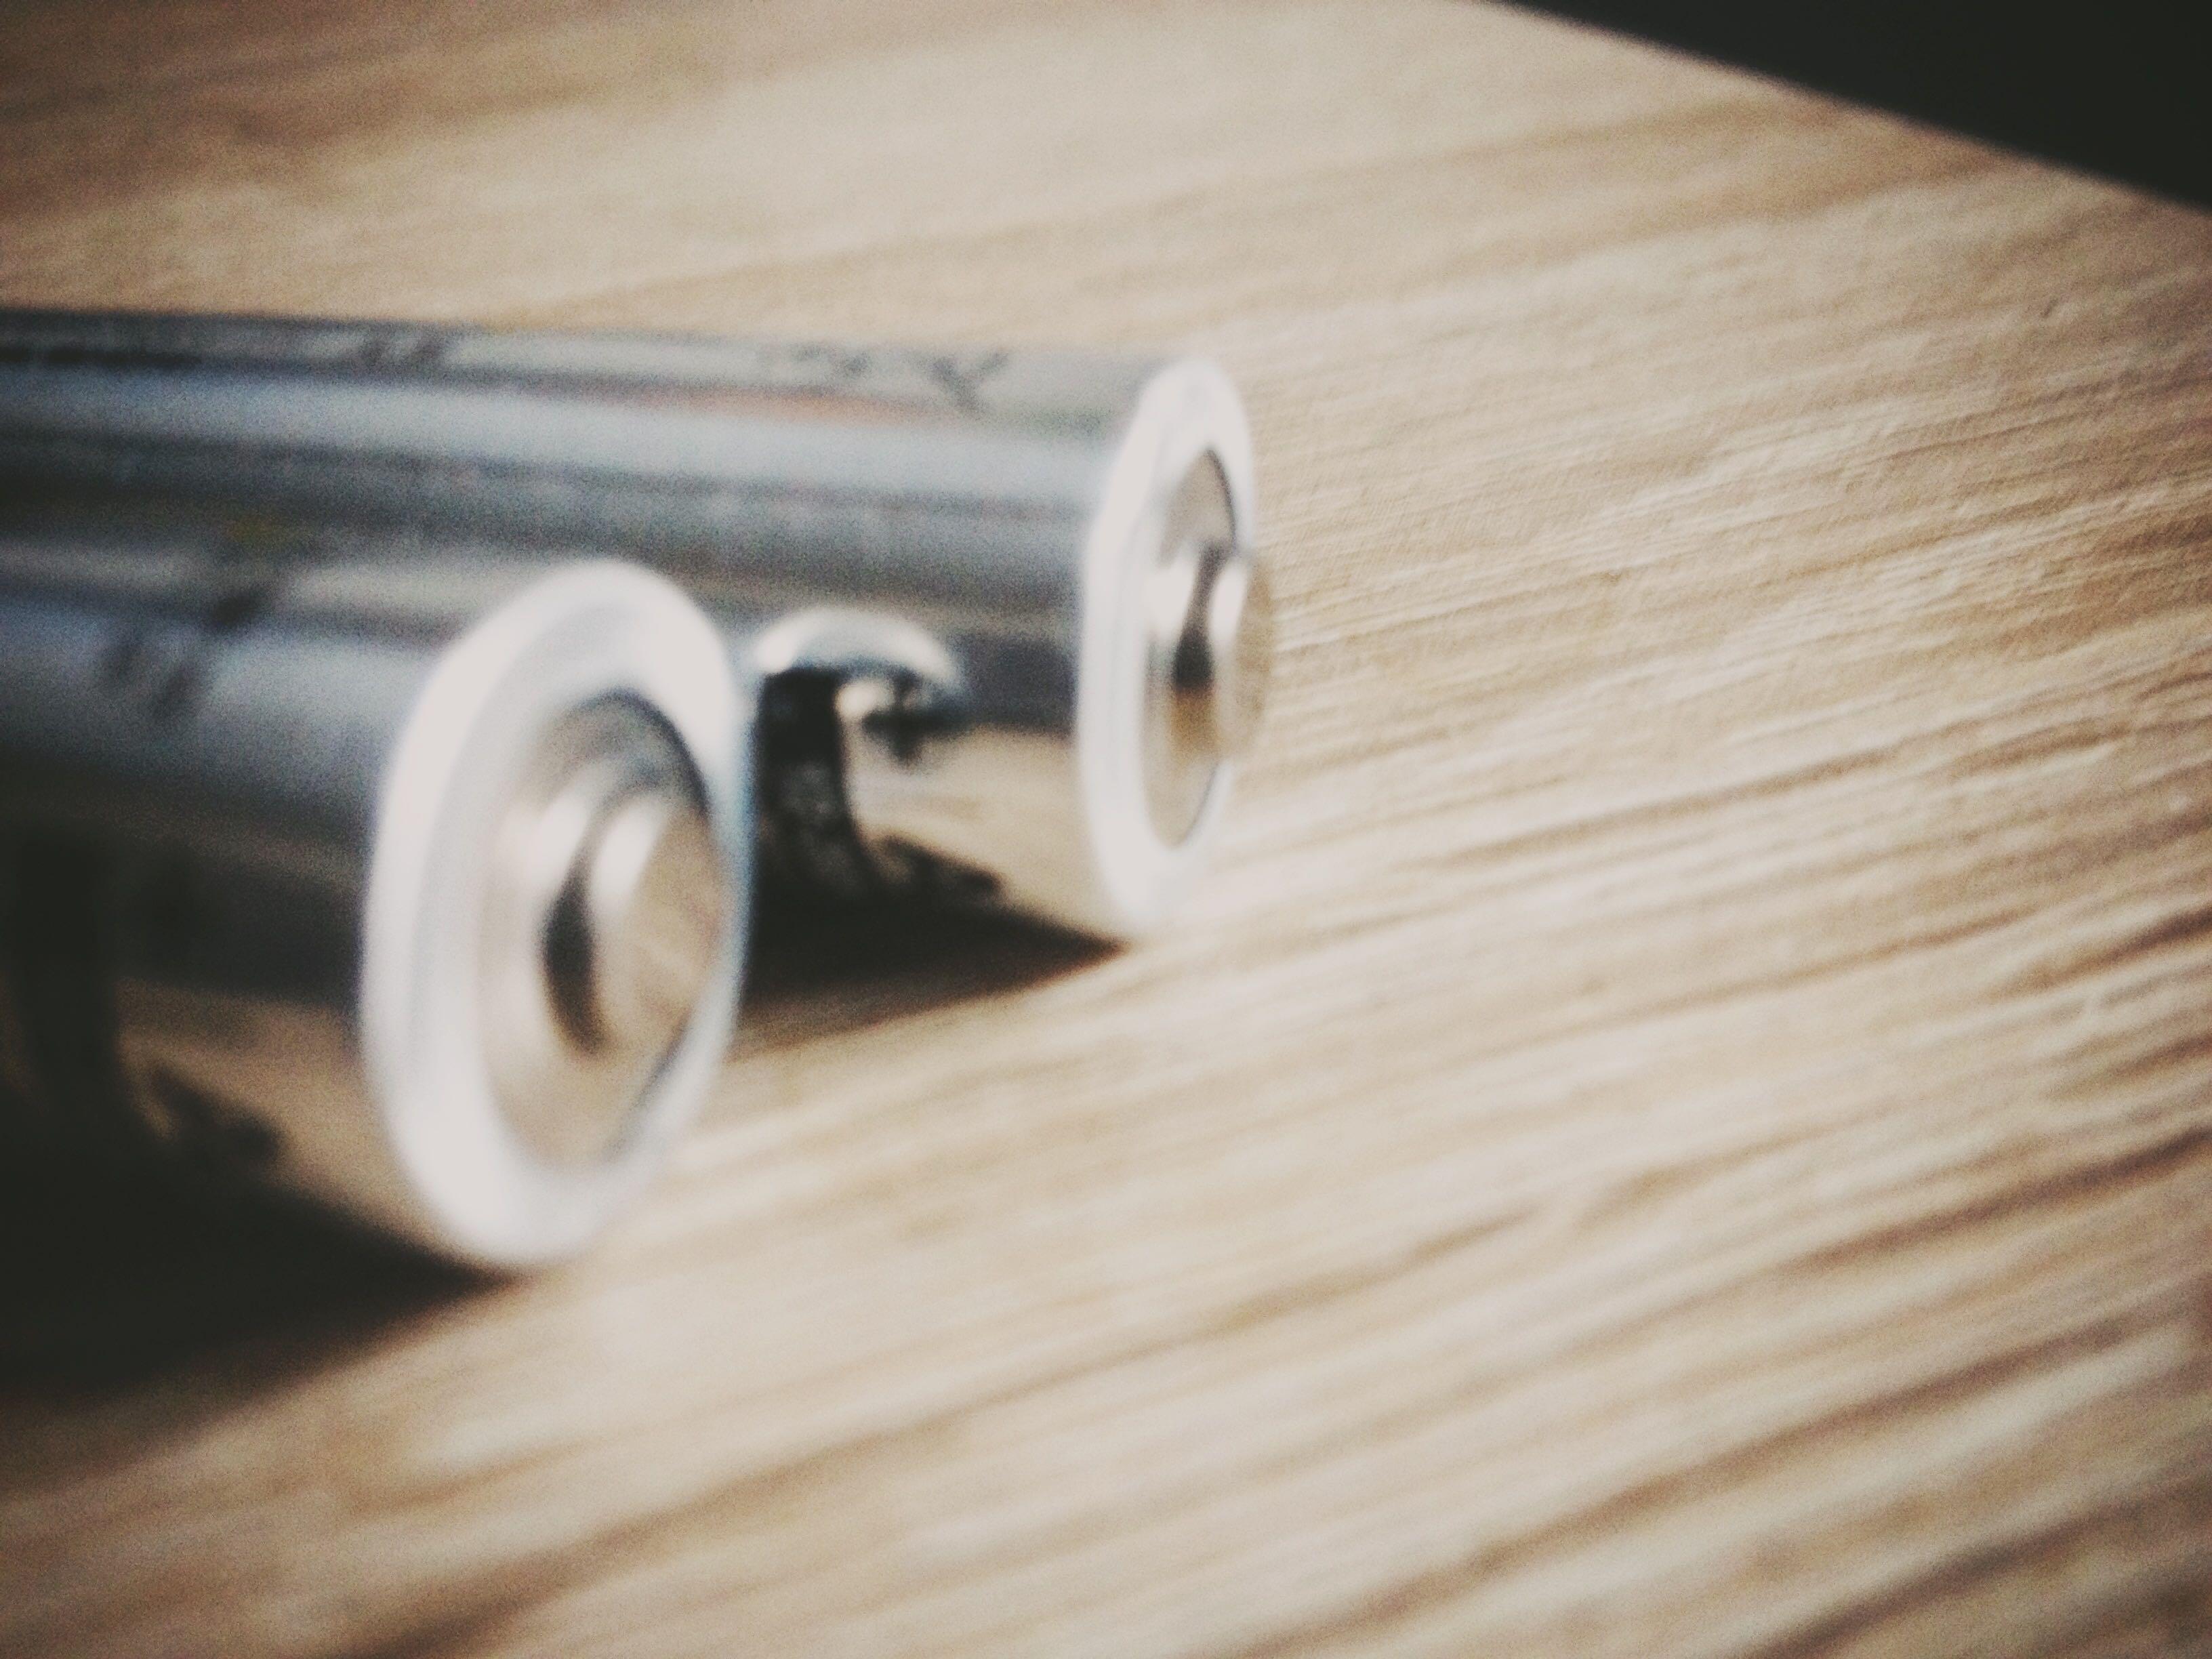 Akkus und Batterien gehören nicht in den Hausmüll Energieleben